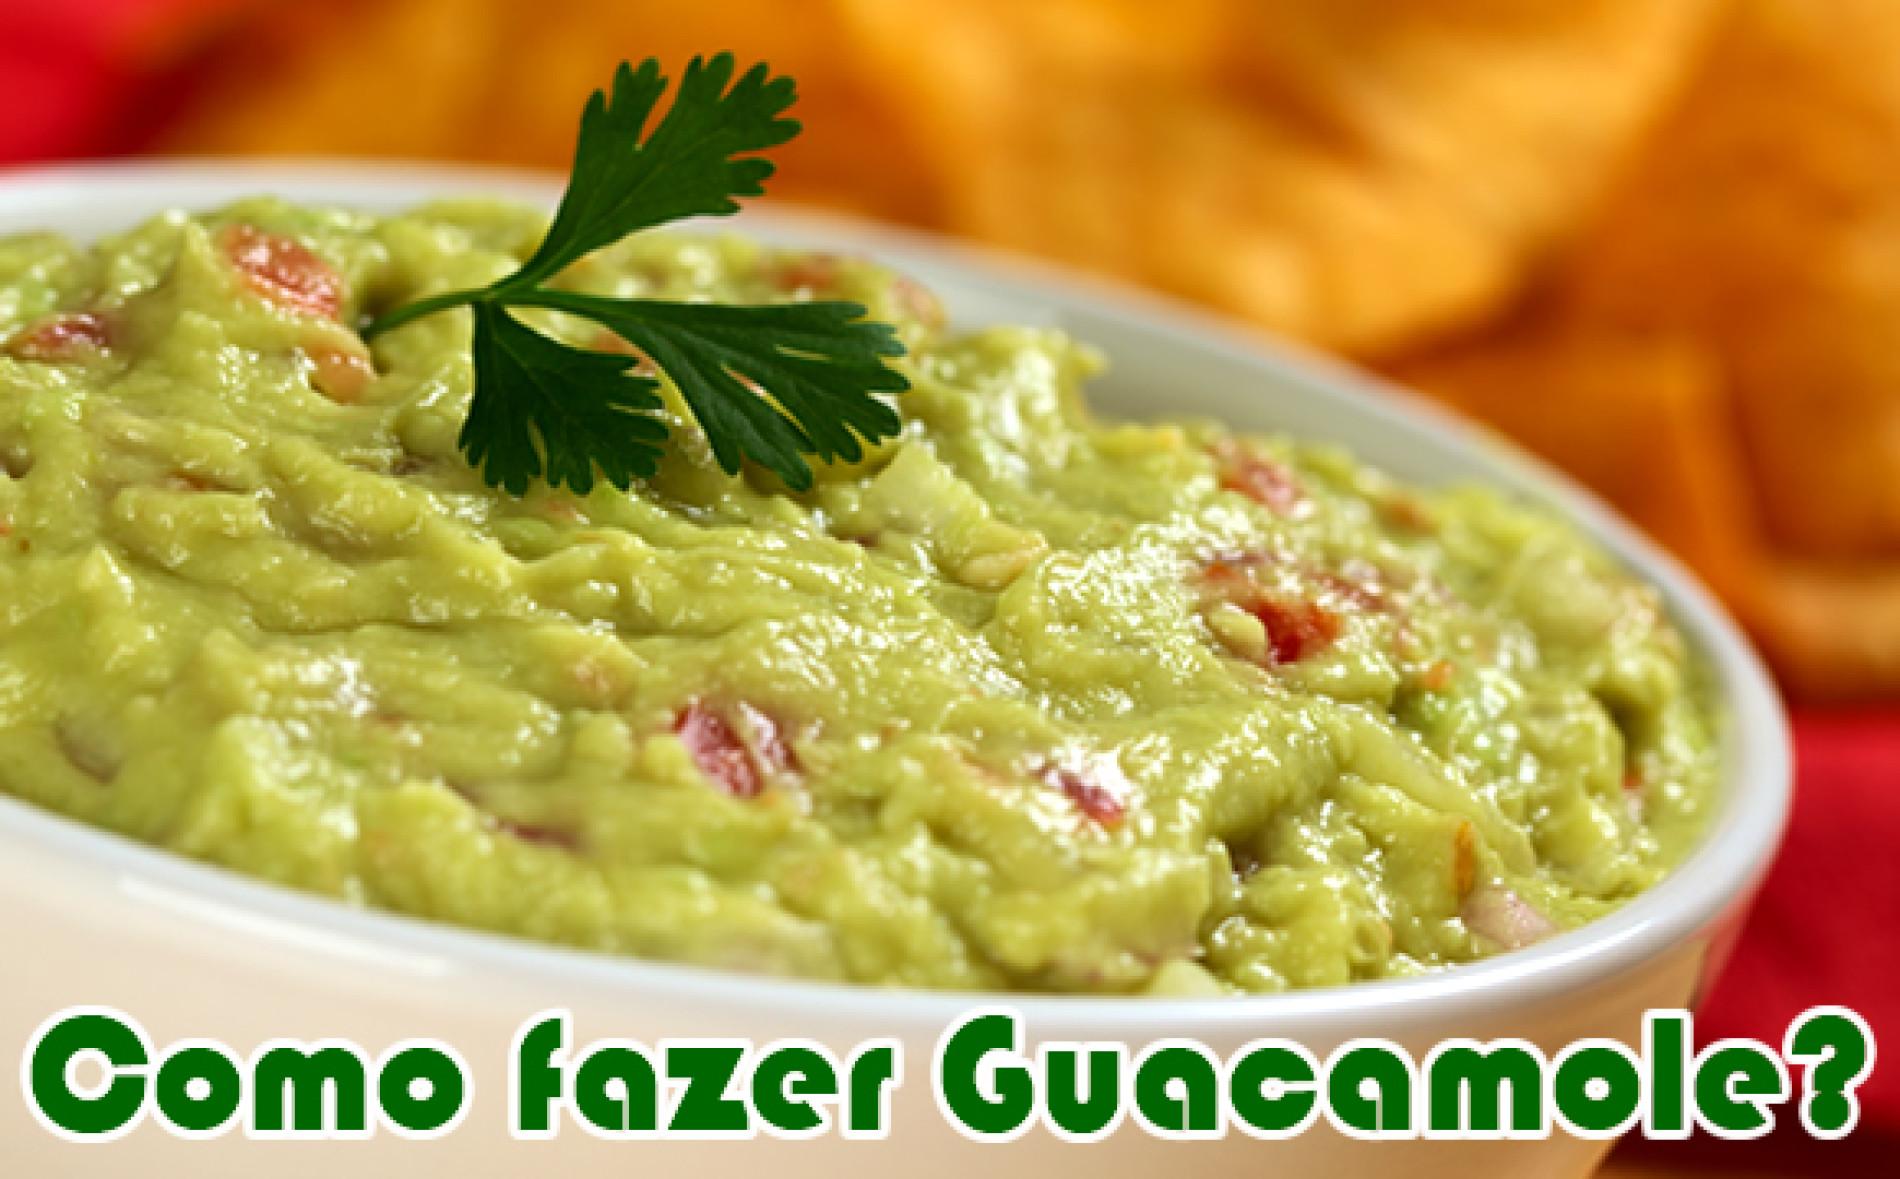 Como fazer Guacamole